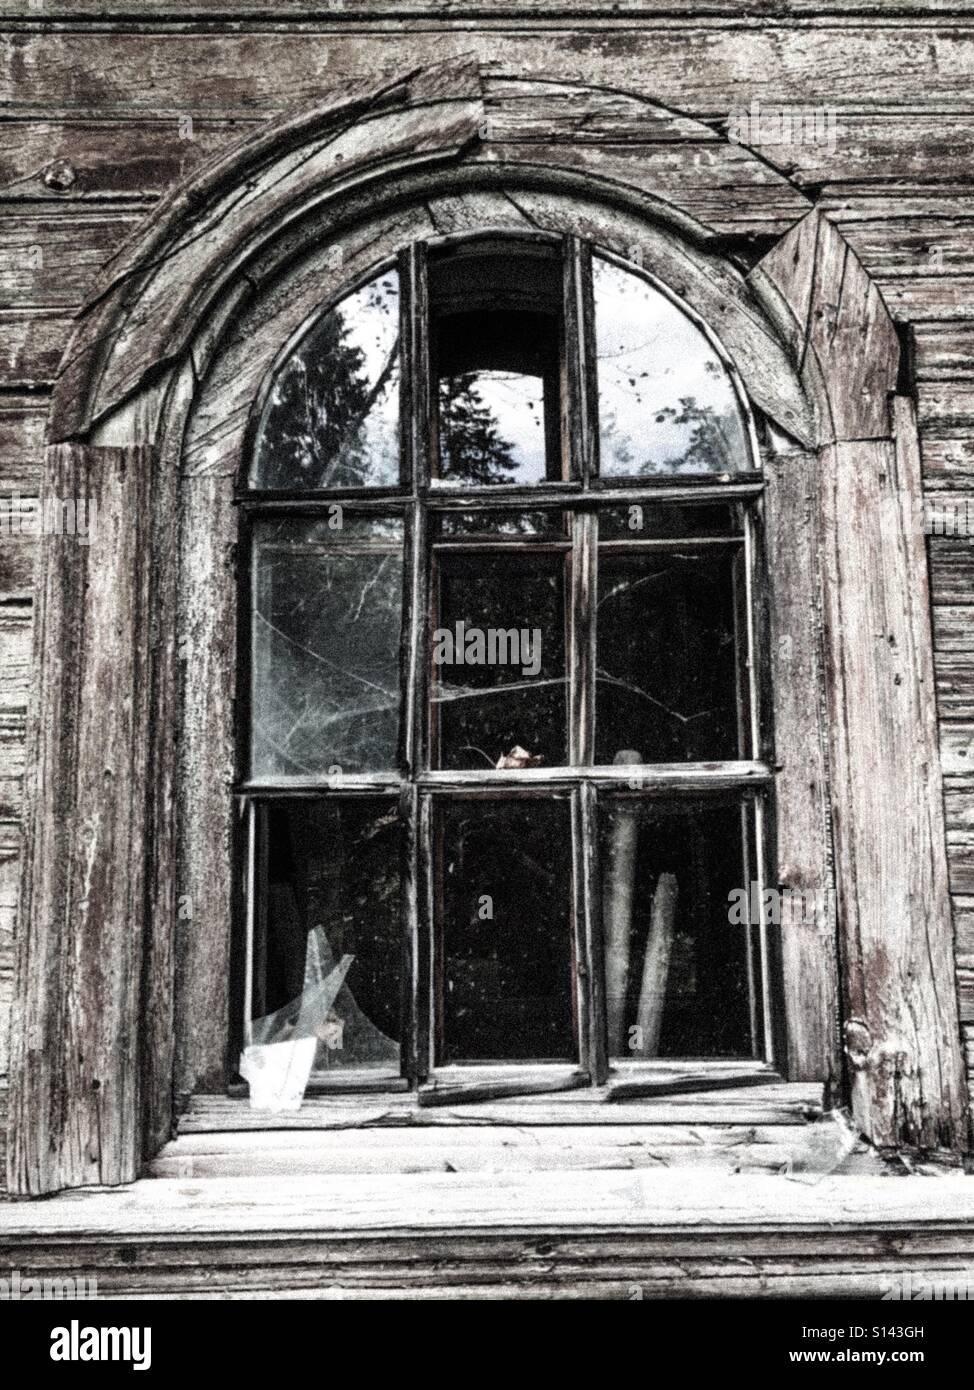 Das alte Fenster mit zerbrochenem Glas und Holzrahmen Stockfoto ...